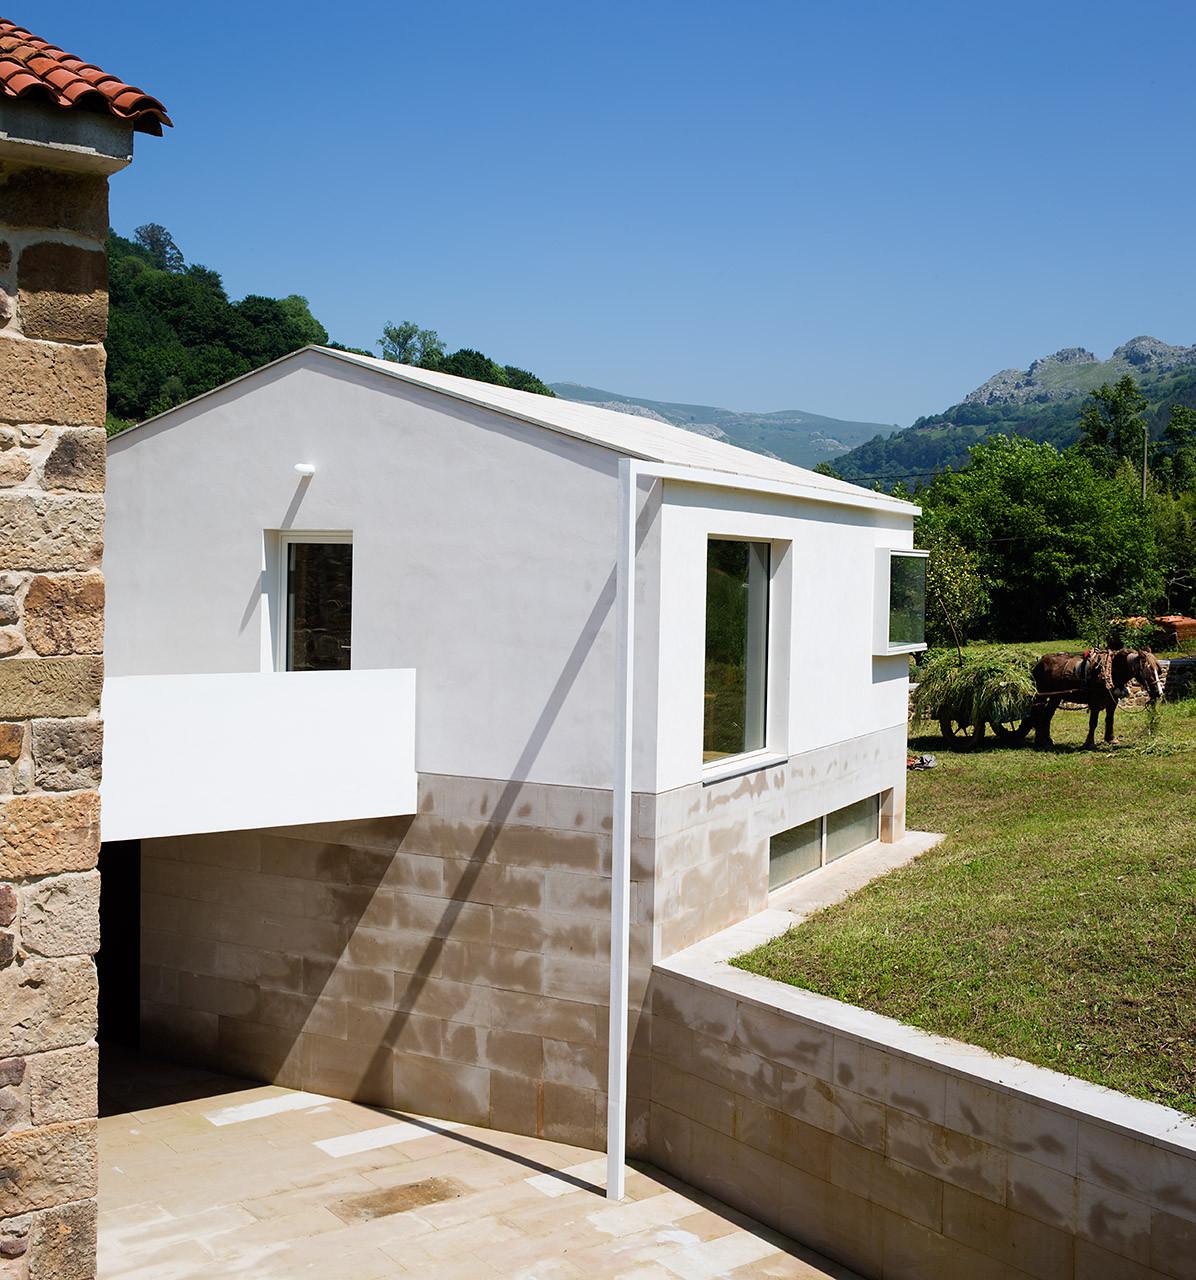 Rehabilitation of Rubalcaba Housing / Carlos de Riaño Lozano